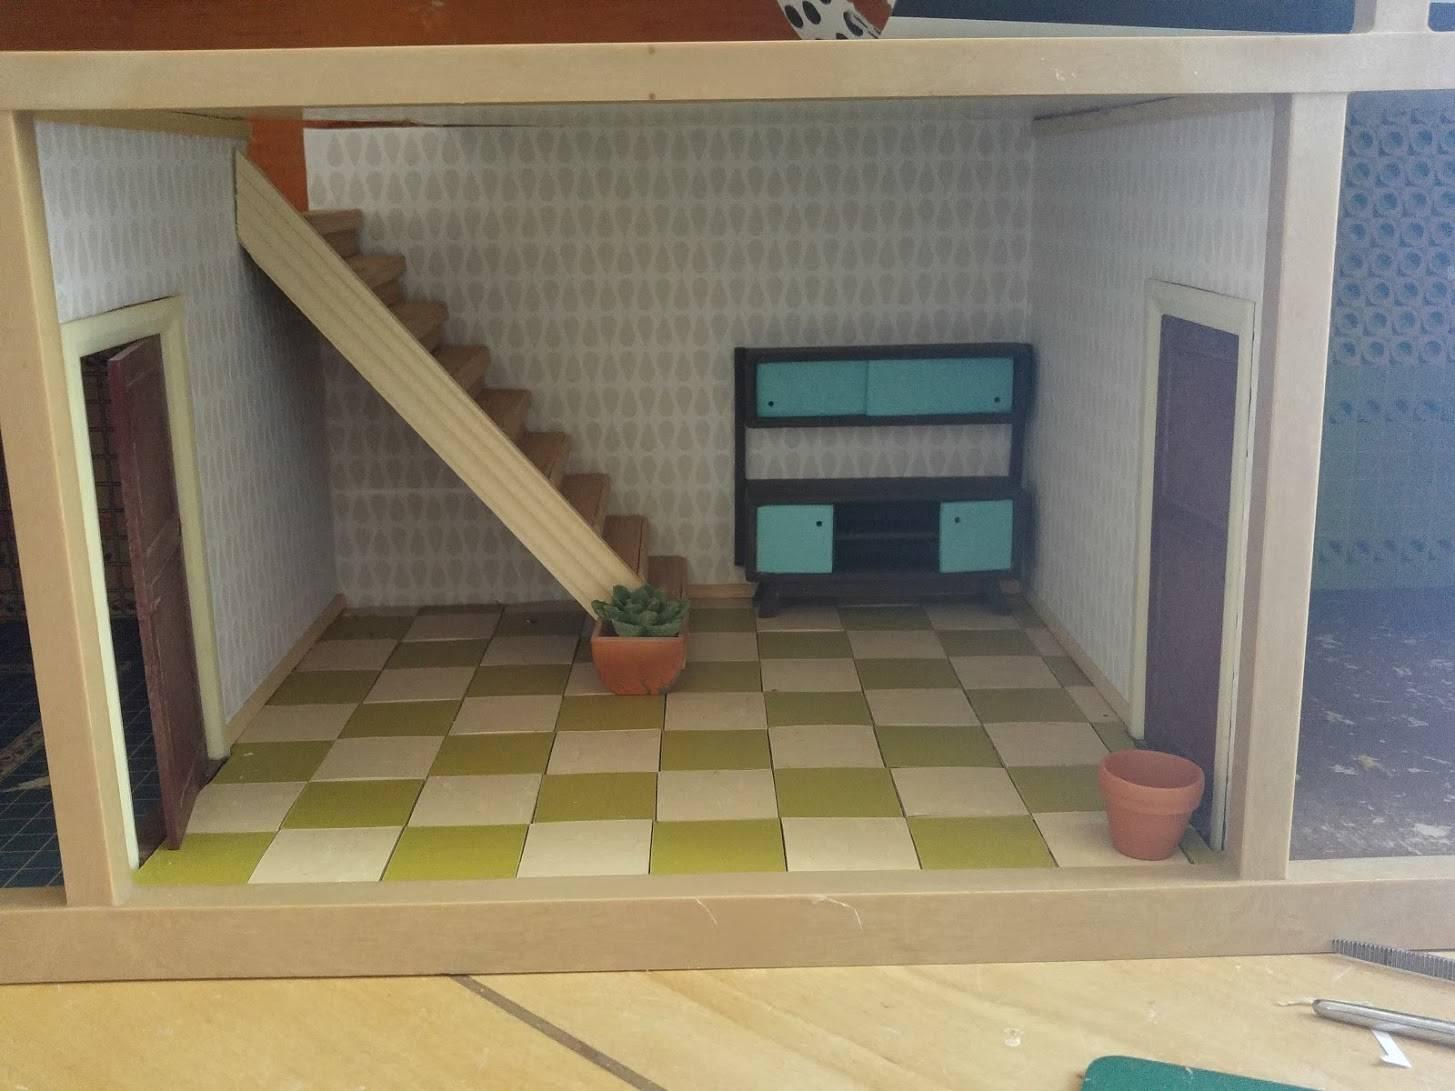 Linoleum floor, new wallpaper